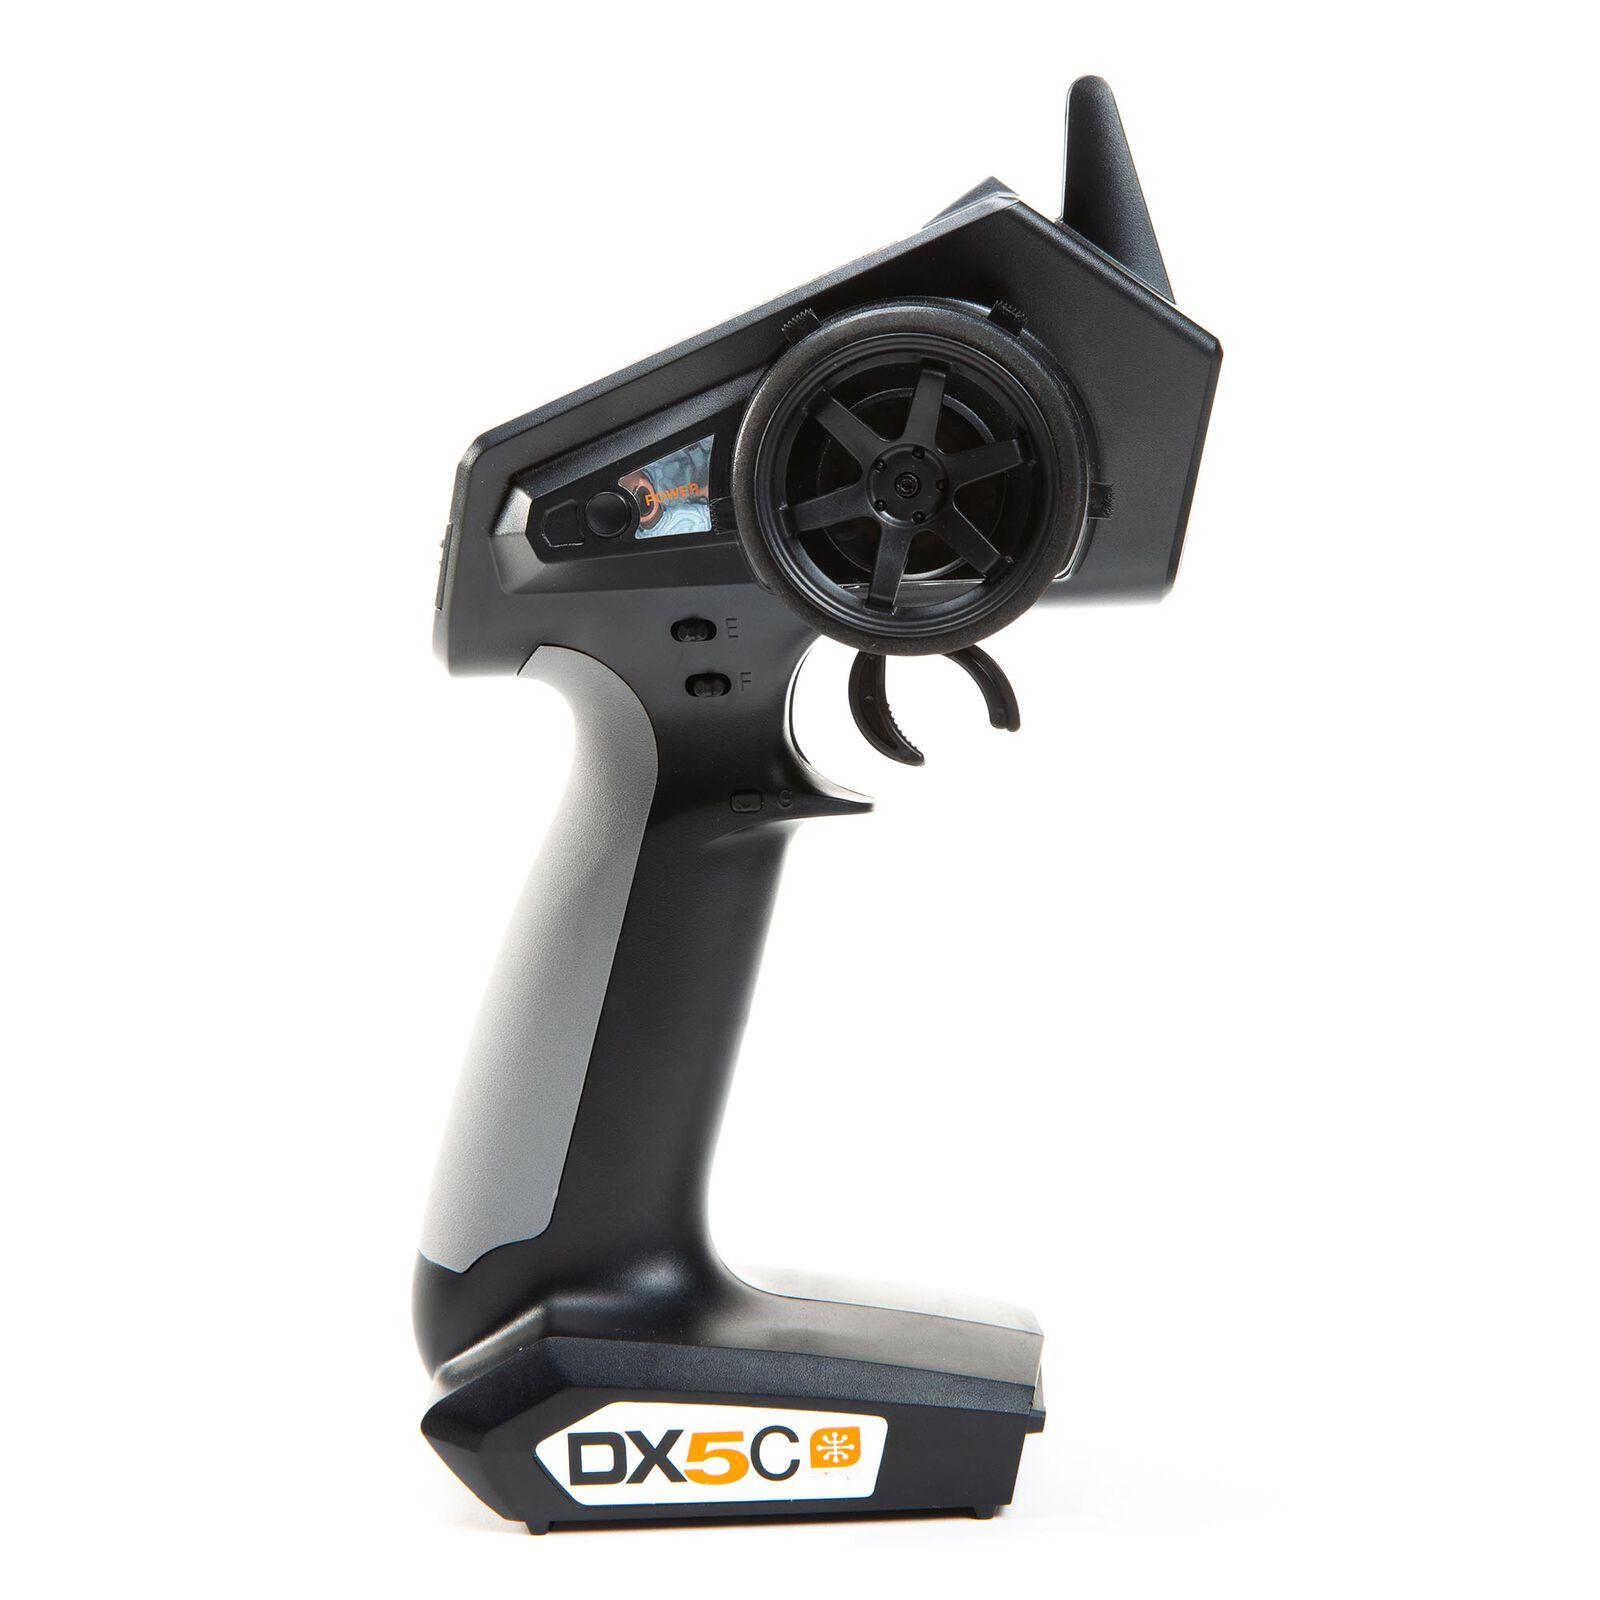 DX5C Smart 5-Channel DSMR Transmitter with SR6100AT